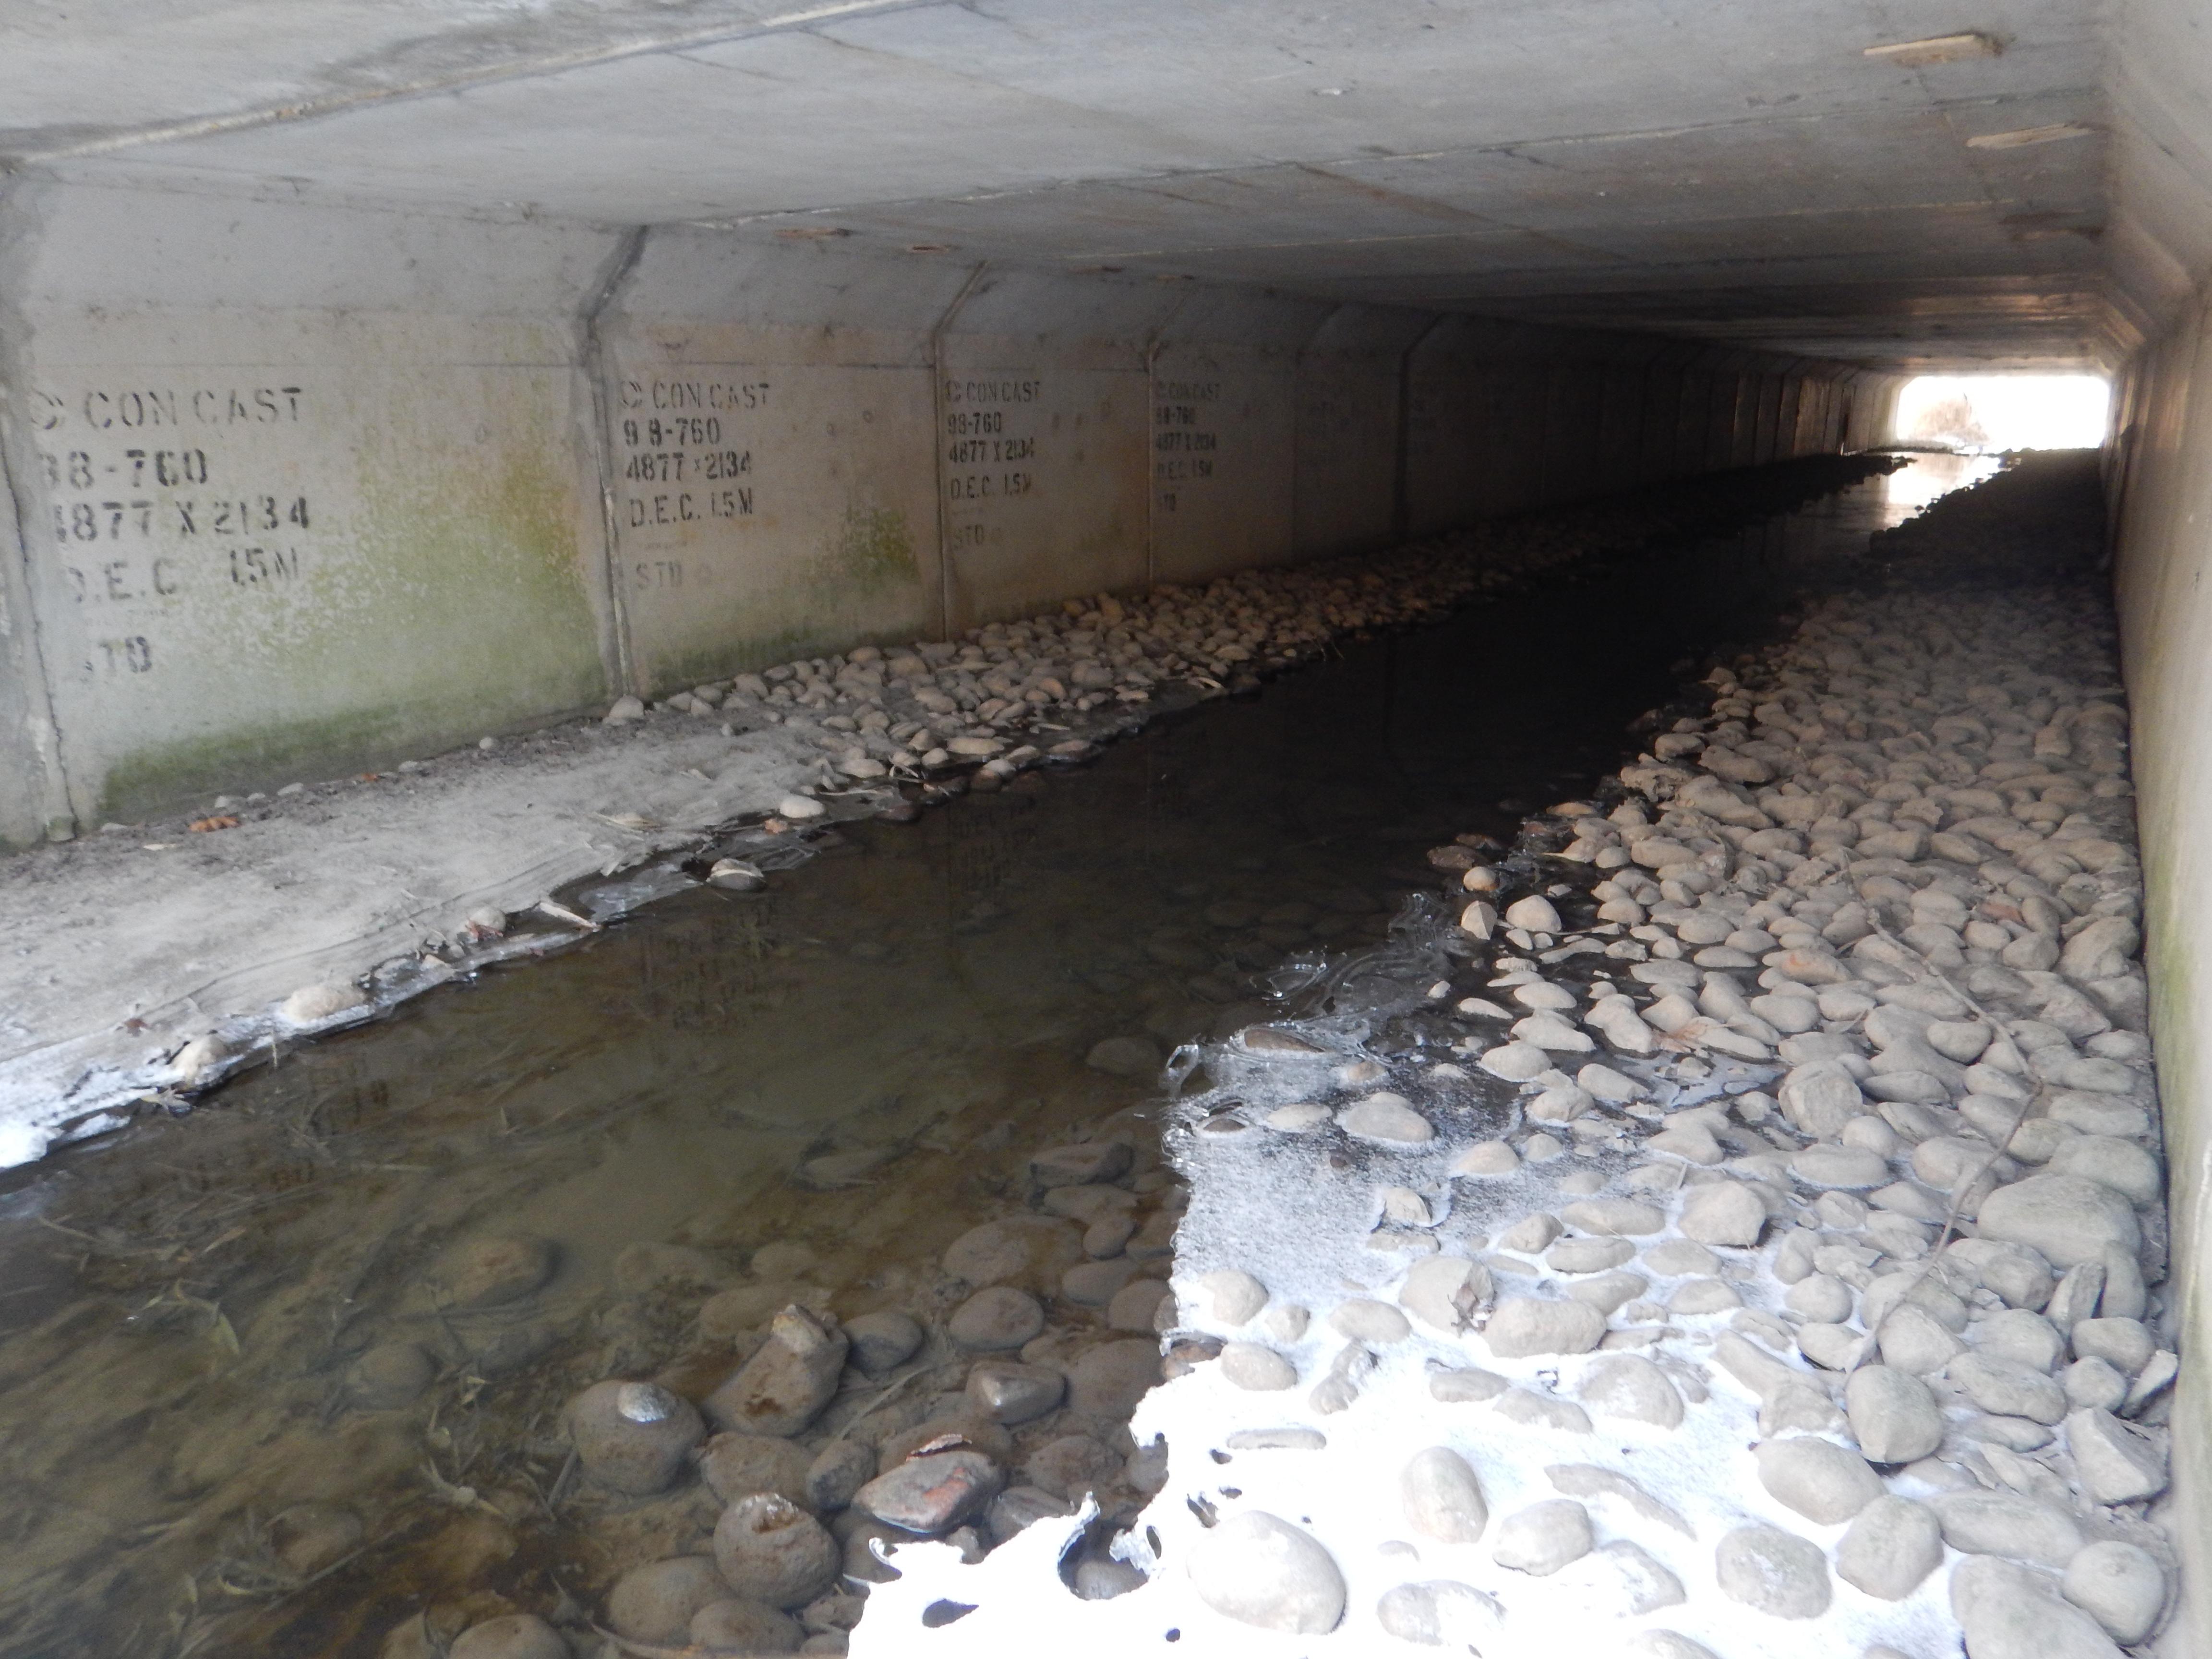 water running under cement culvert with snow around edges